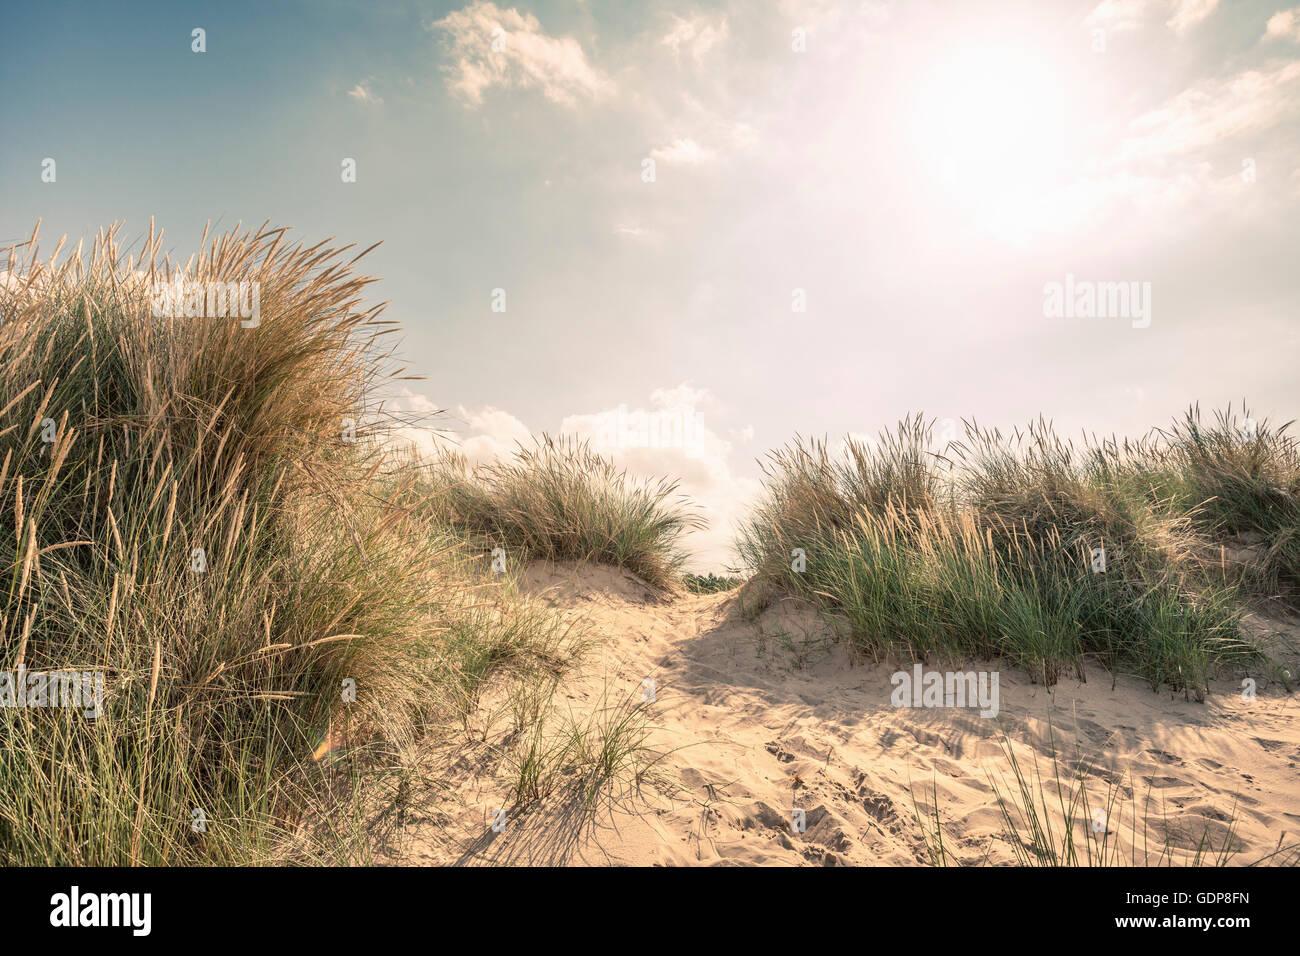 Dunes and marram grasses on Norfolk coast, UK - Stock Image